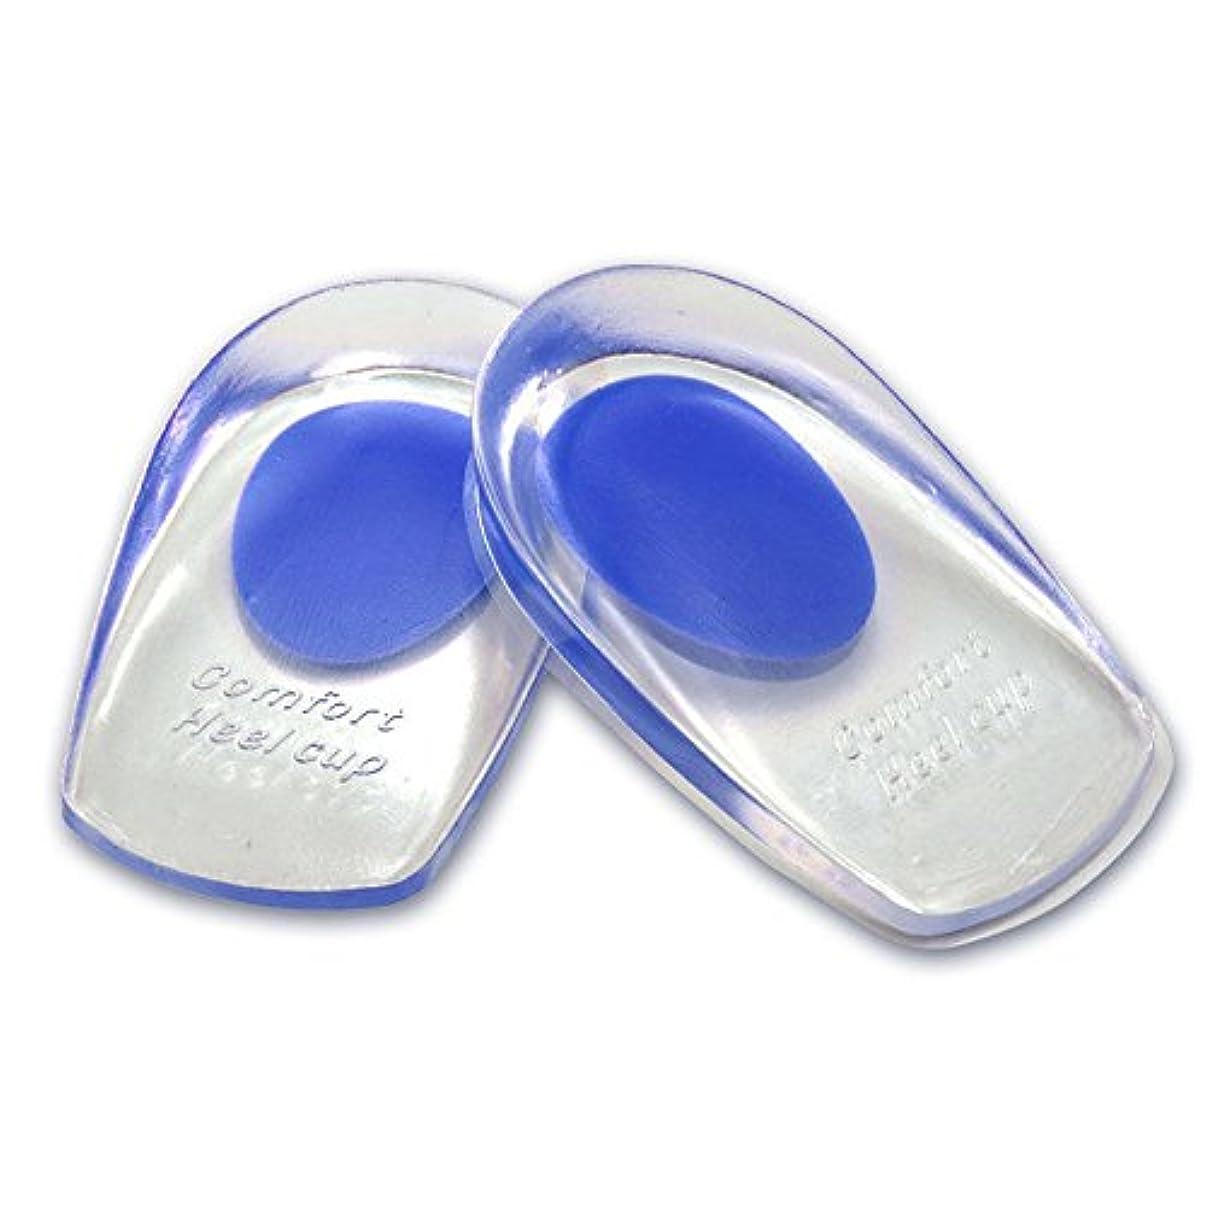 取り除く会話型征服シリコンヒールカップ かかとの痛み防止に ソフトシリコン製 インソールクッション 衝撃緩和 立体形状 フィット感抜群 FMTMXCA2S (ブルー(靴サイズ24.5~27.5cm用))